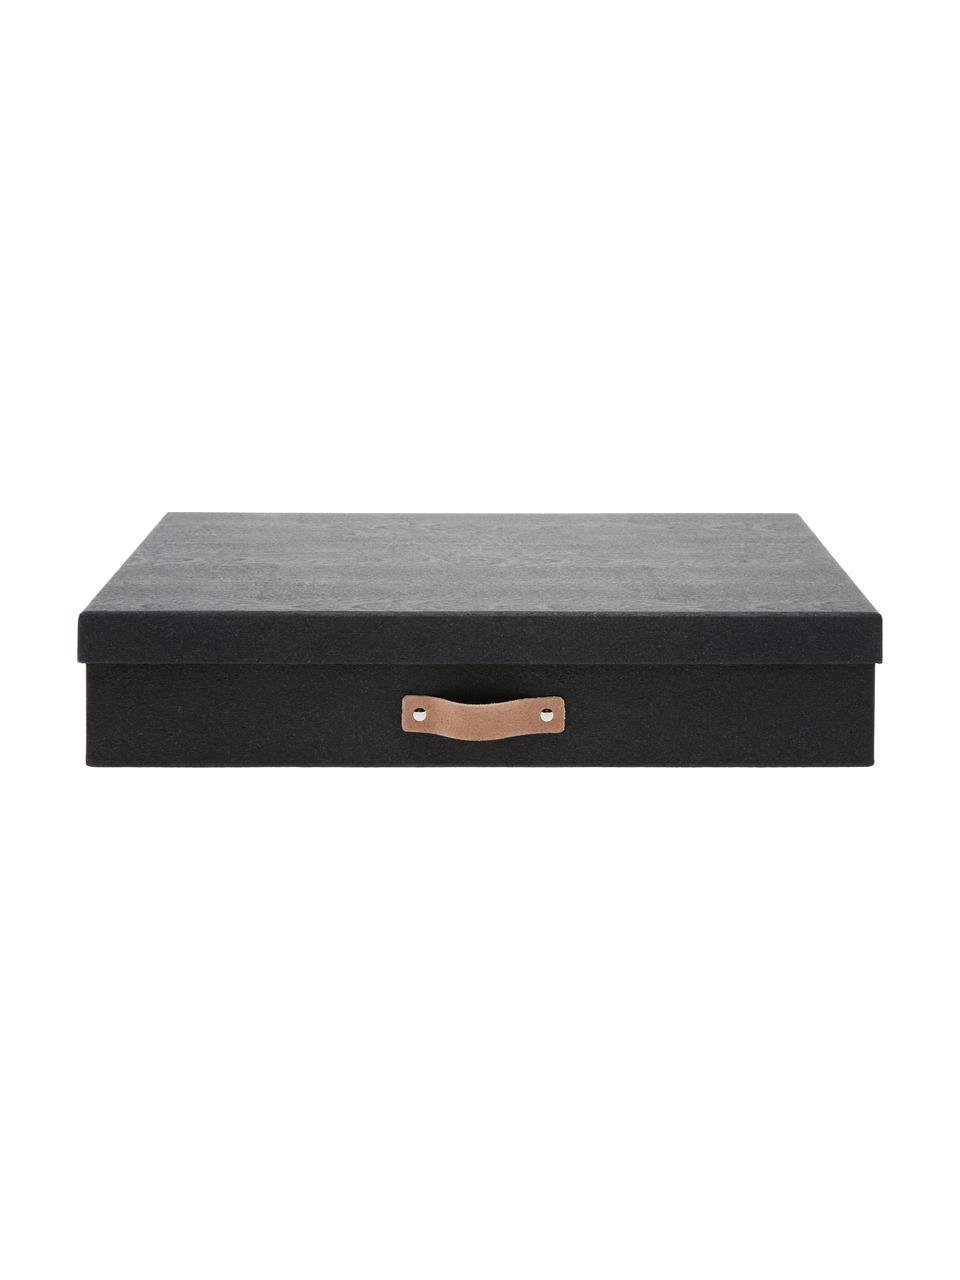 Scatola con coperchio Sverker II, Scatola: cartone massiccio, stampa, Manico: pelle, Organizzatore esterno: nero Organizzatore interno: nero Presa: beige, Larg. 44 x Alt. 9 cm